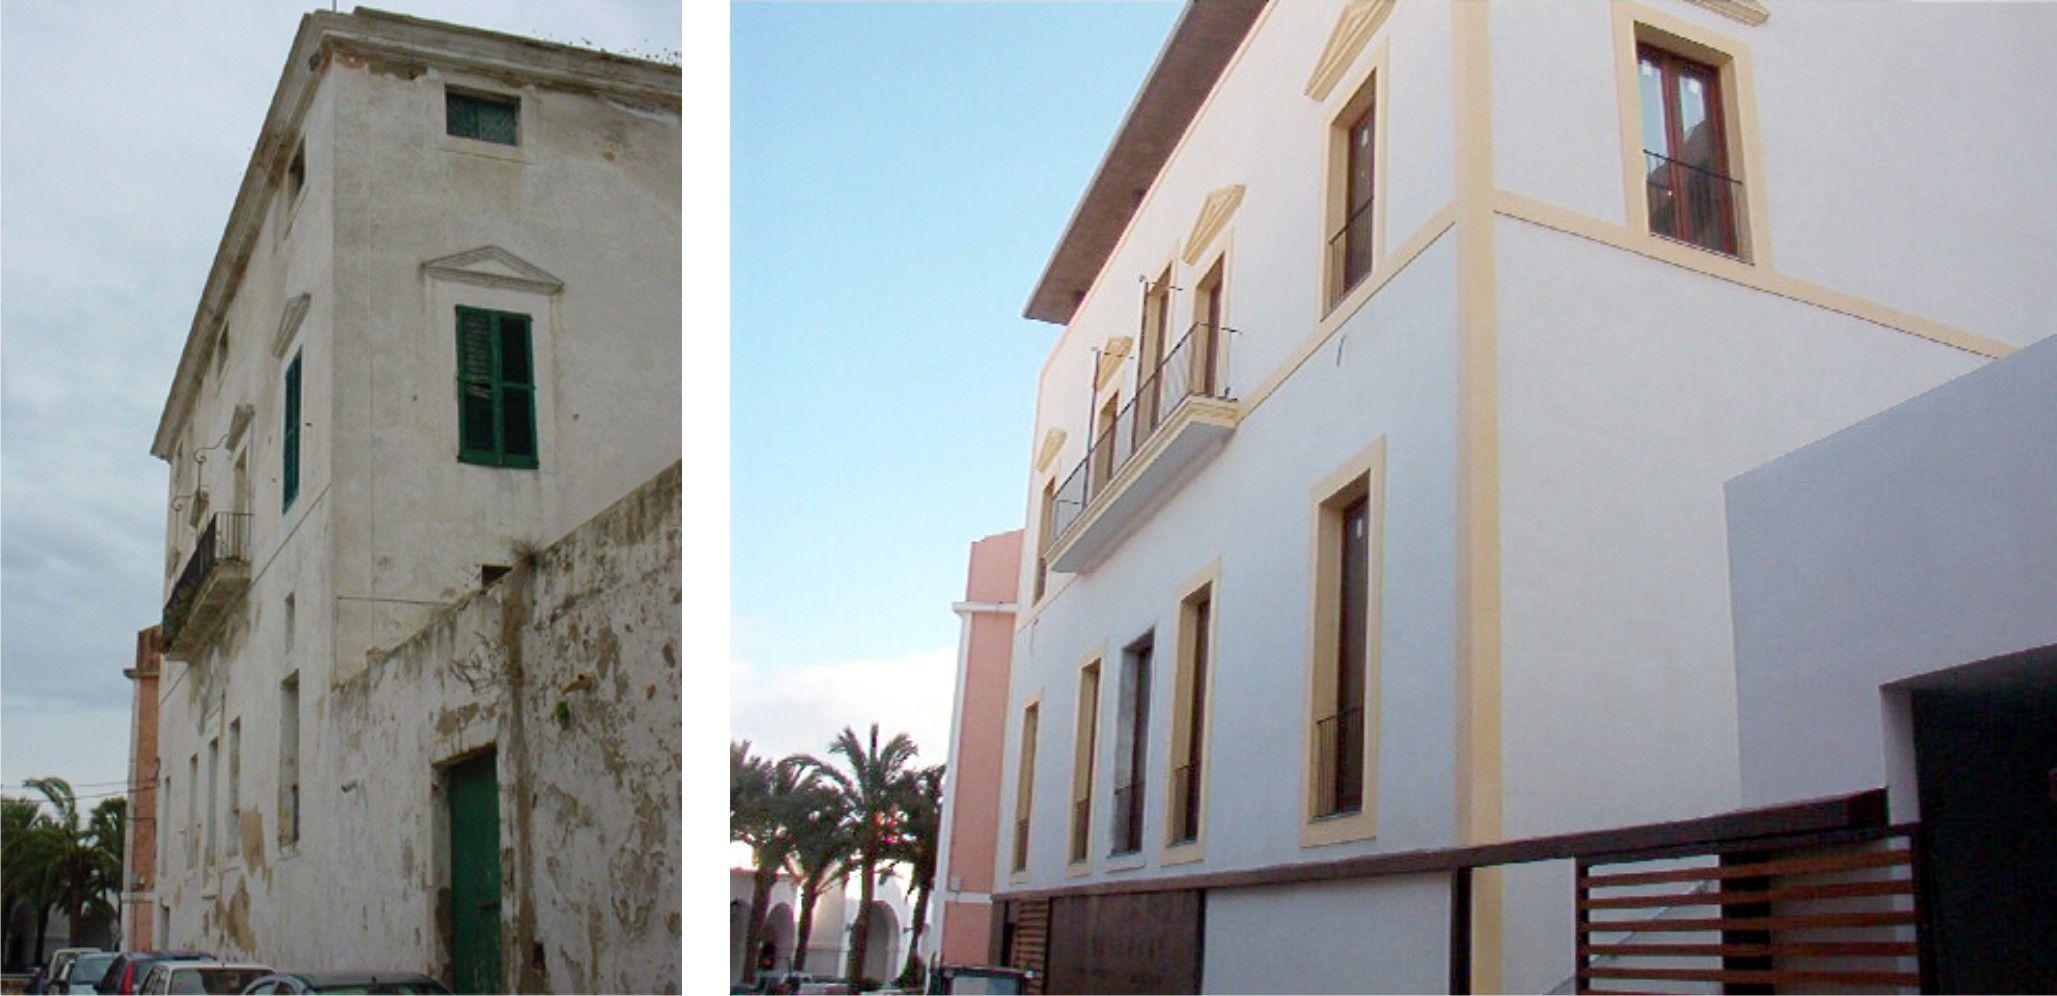 Exterior tradicional edificios via planreforma for Fachada tradicional